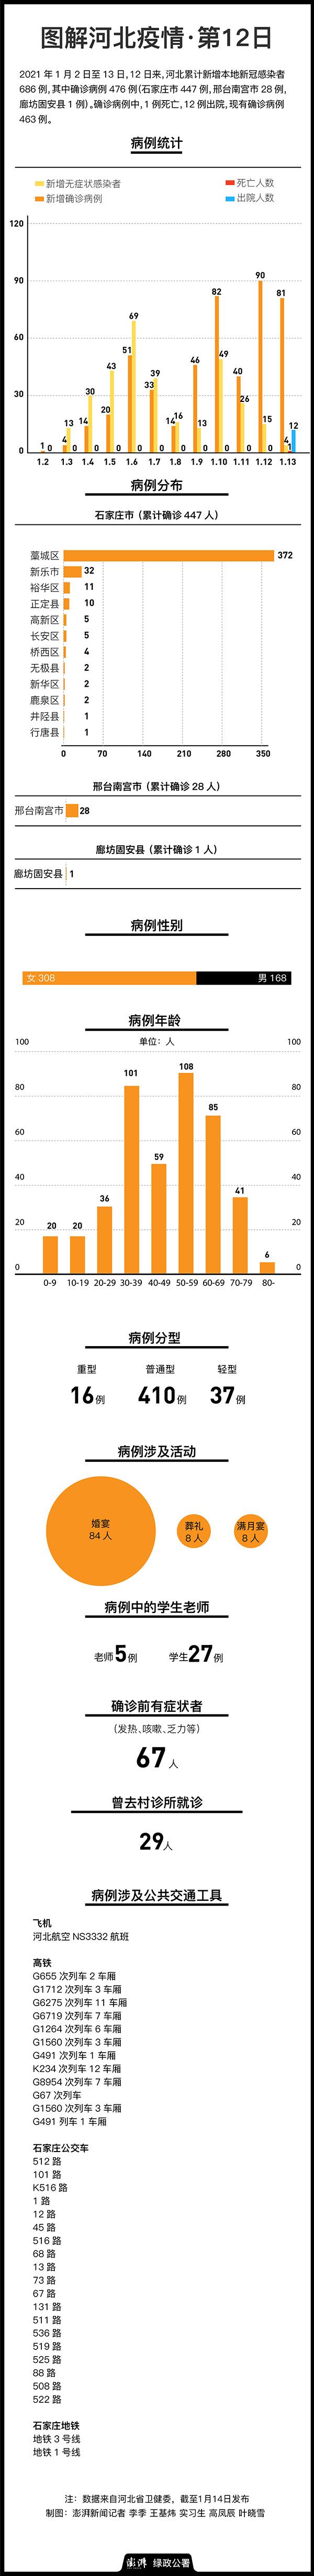 澎湃新闻梳理病例轨迹发现,河北确诊病例中,84人参加过婚礼,8人参加过葬礼,8人参加过满月宴。此外,截至1月13日,确诊病例中已有老师5人、学生27人。